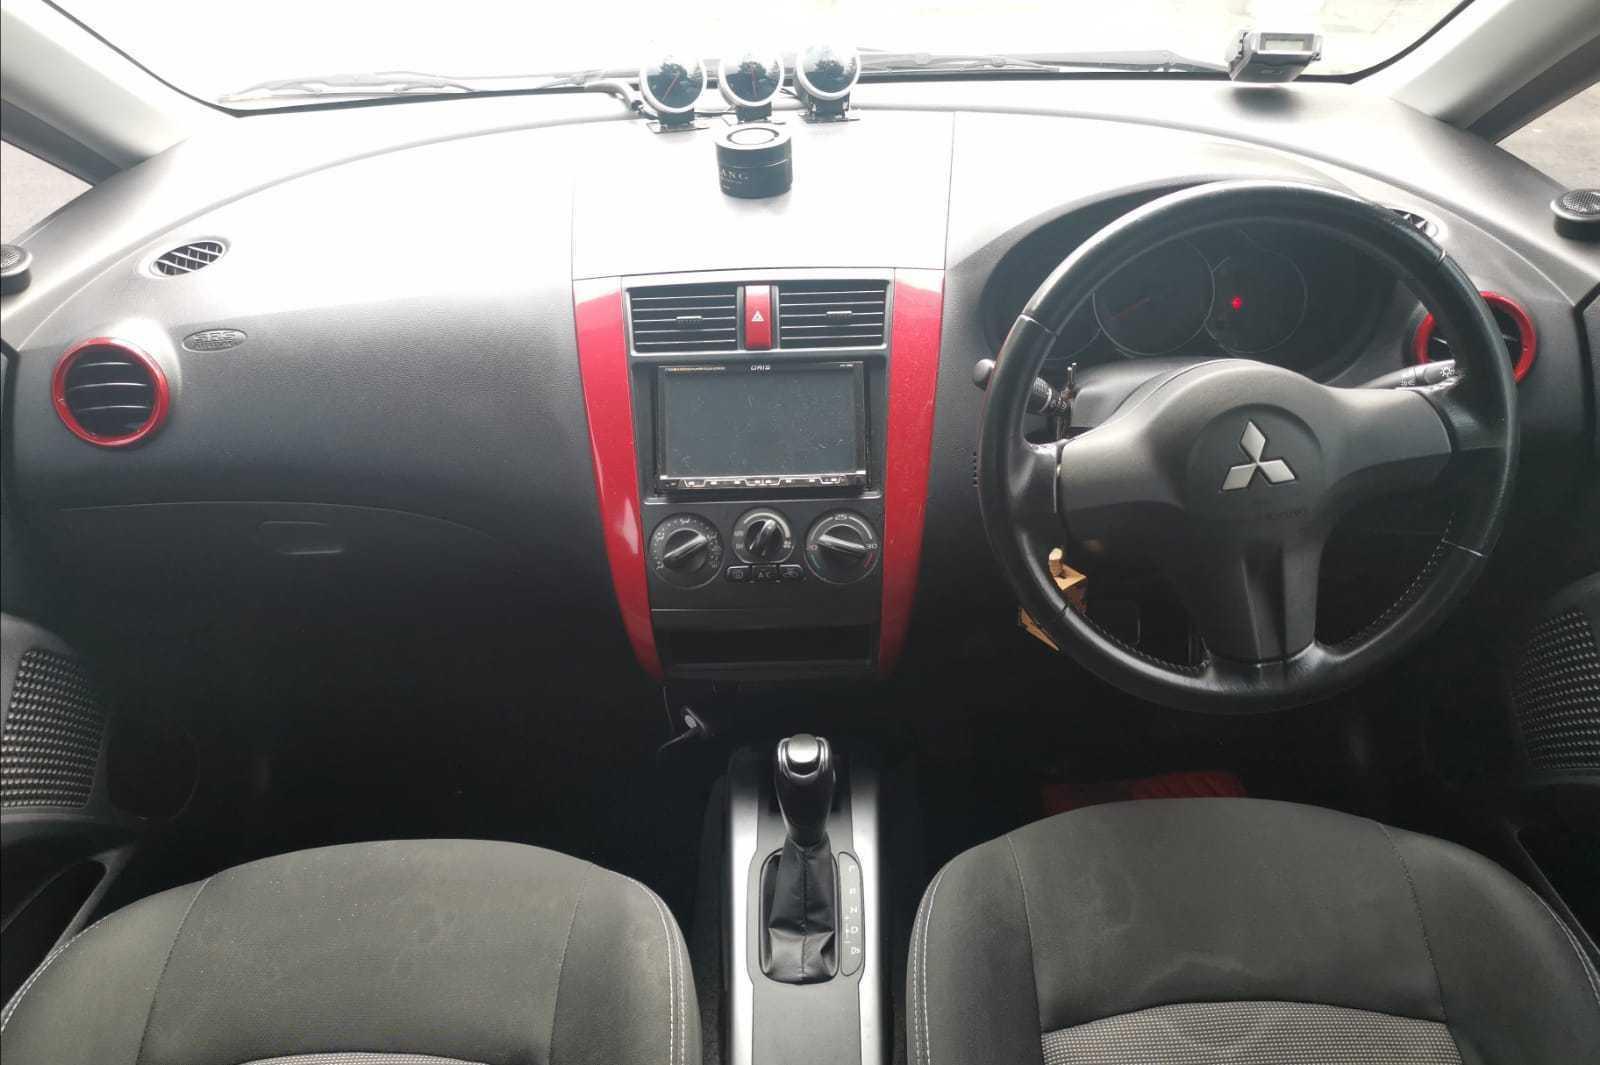 Mitsubishi Colt 1.5 MIVEC Turbo Ralliart Version R Auto